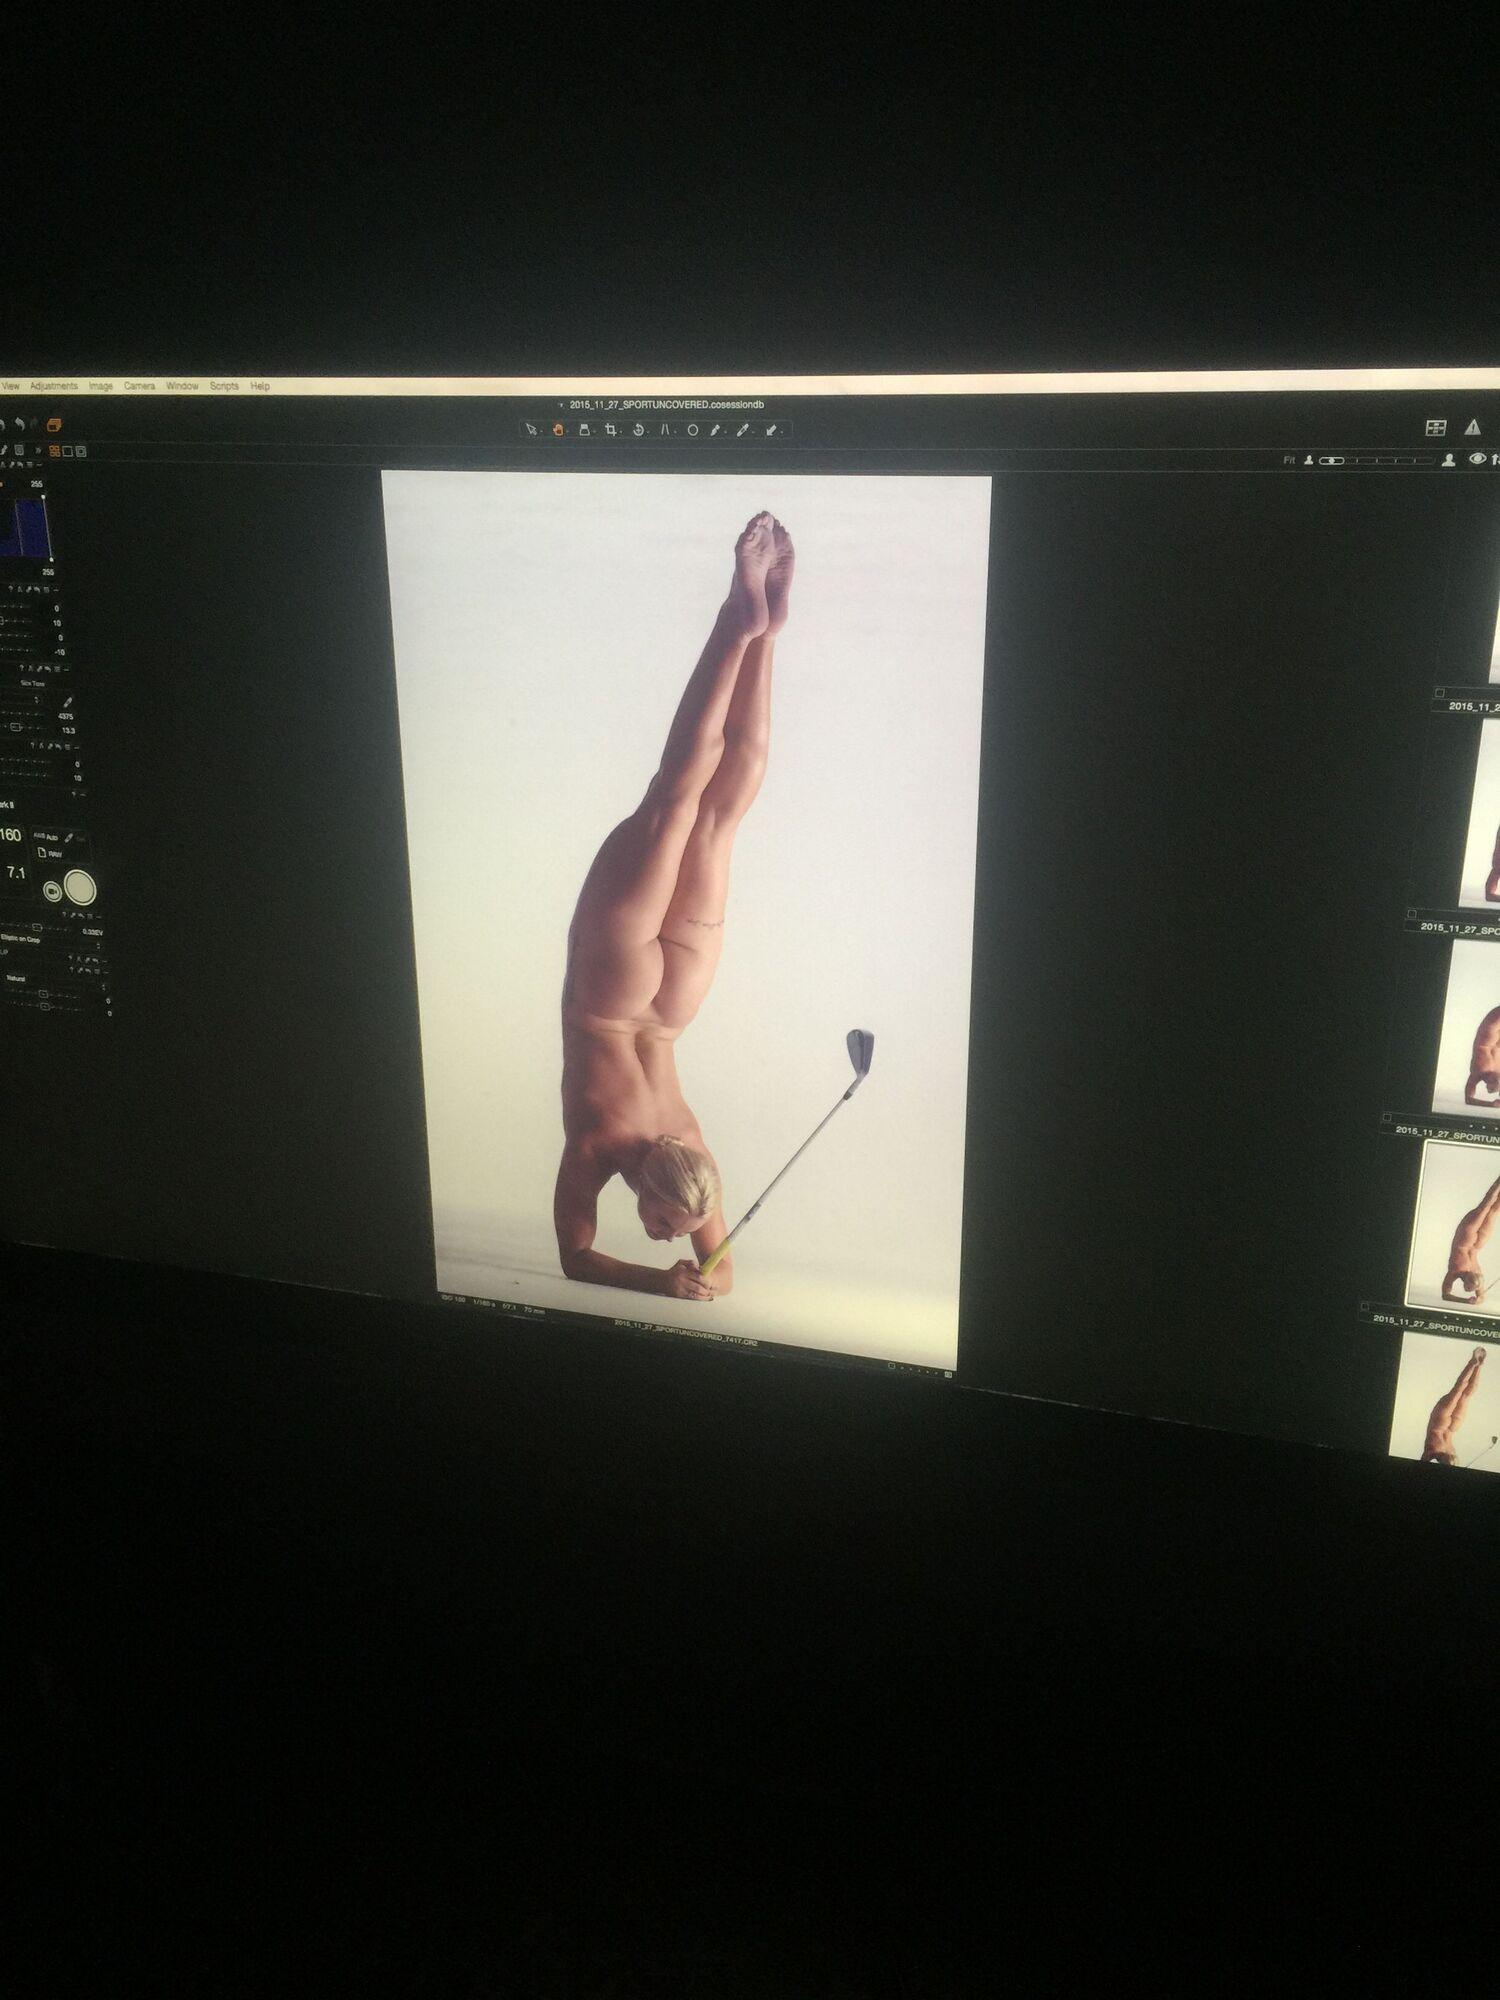 Воры украли у титулованной гольфистки интимные снимки и выложили их в интернет